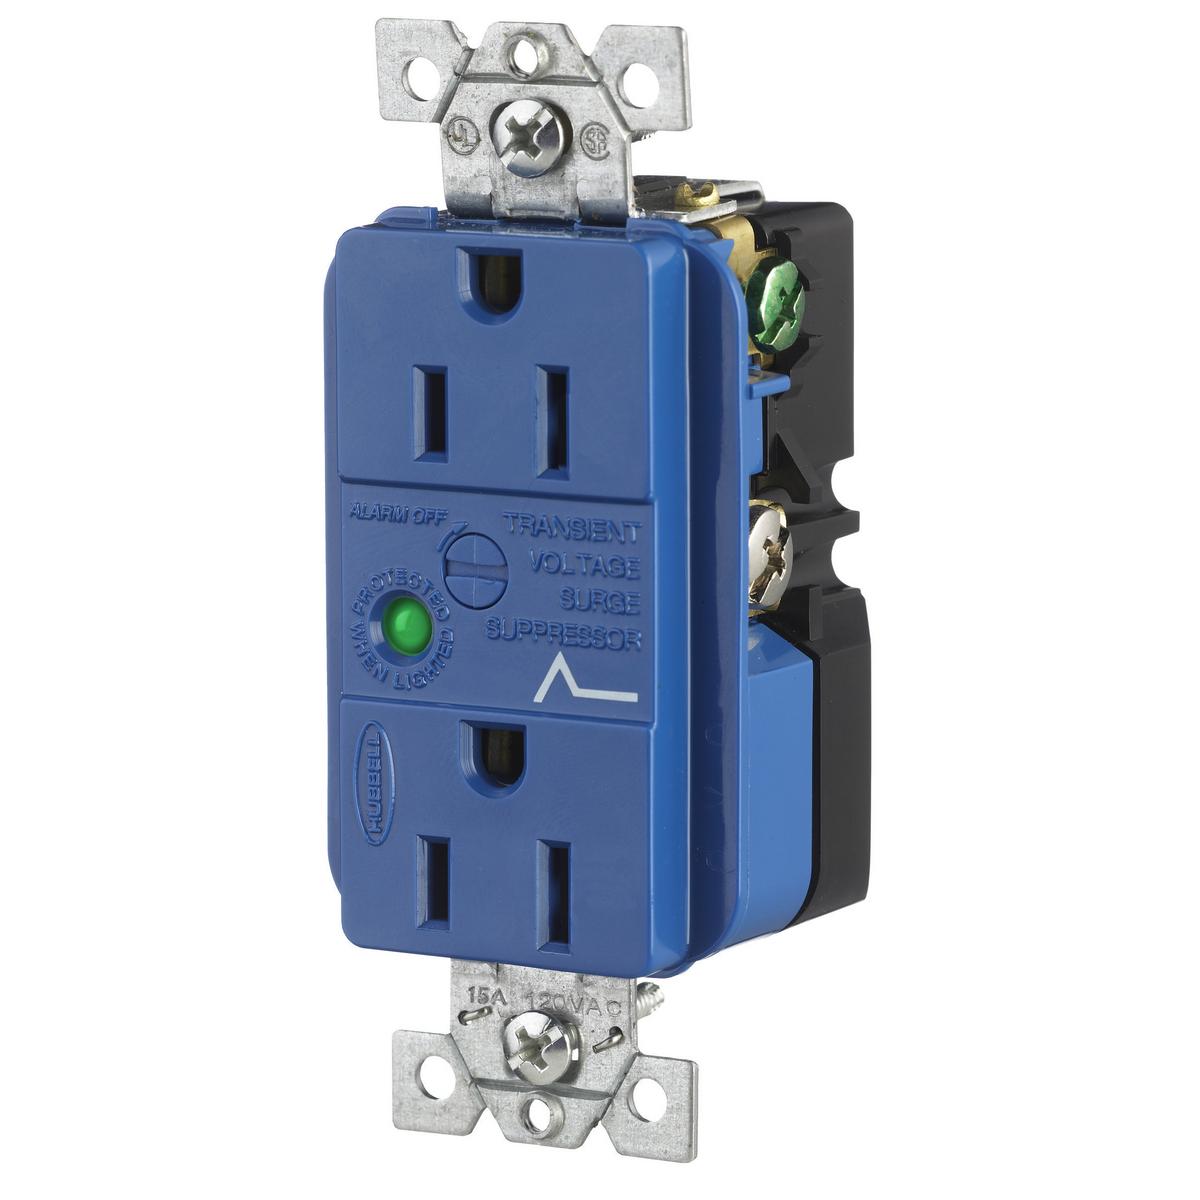 Hubbell HBL5260SA 15 Amp 125 Volt NEMA 5-15R Blue Surge Protection Device Duplex Receptacle